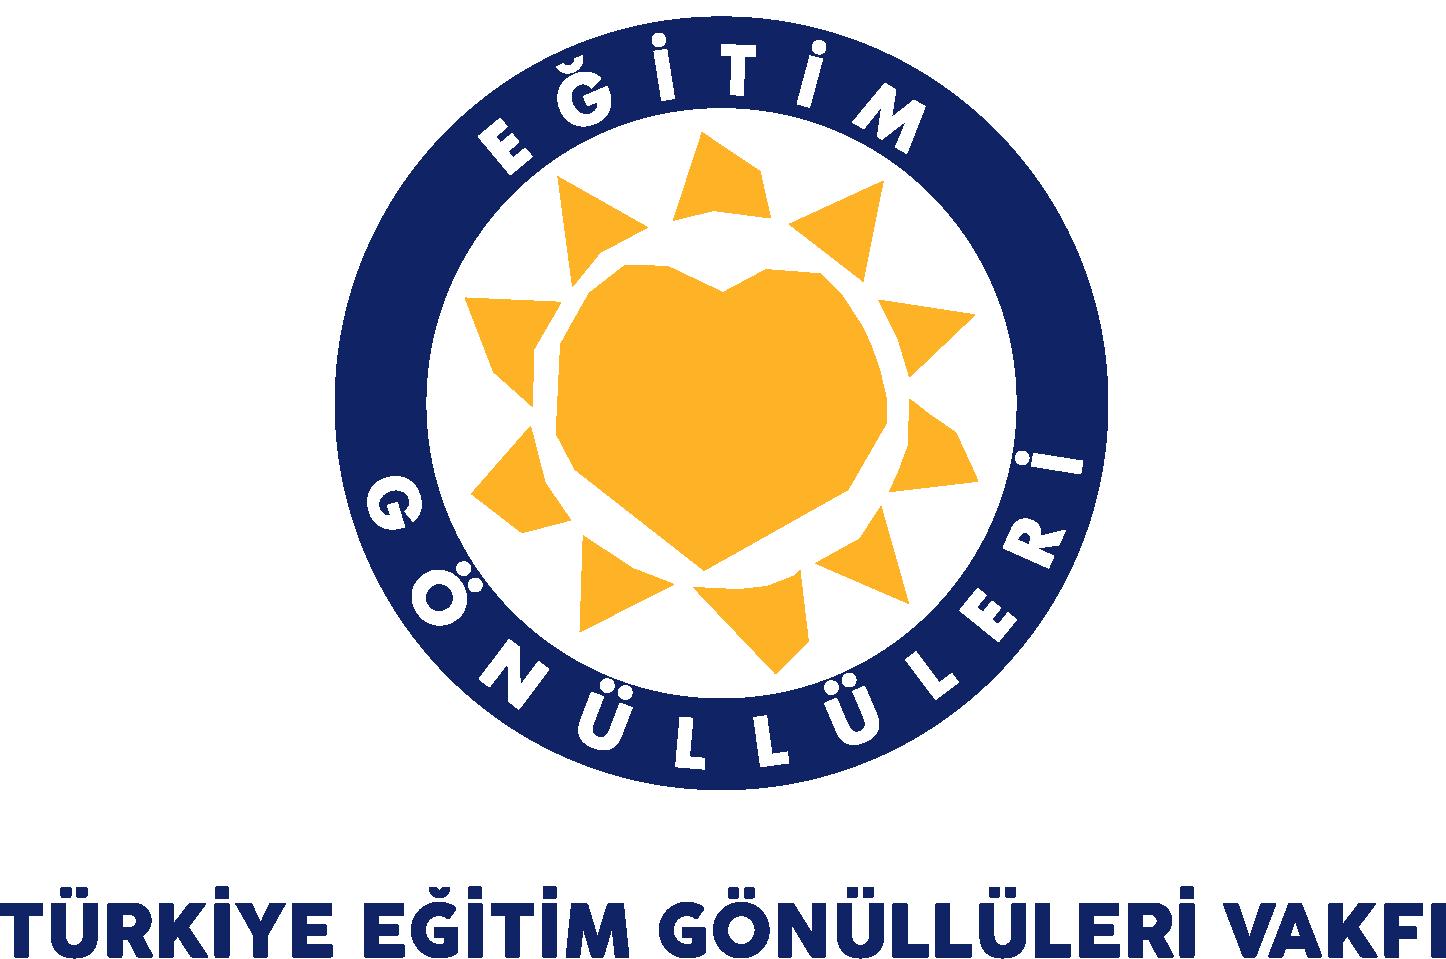 Türkiye Eğitim Gönüllüleri Vakfı Logo (TEGV) png